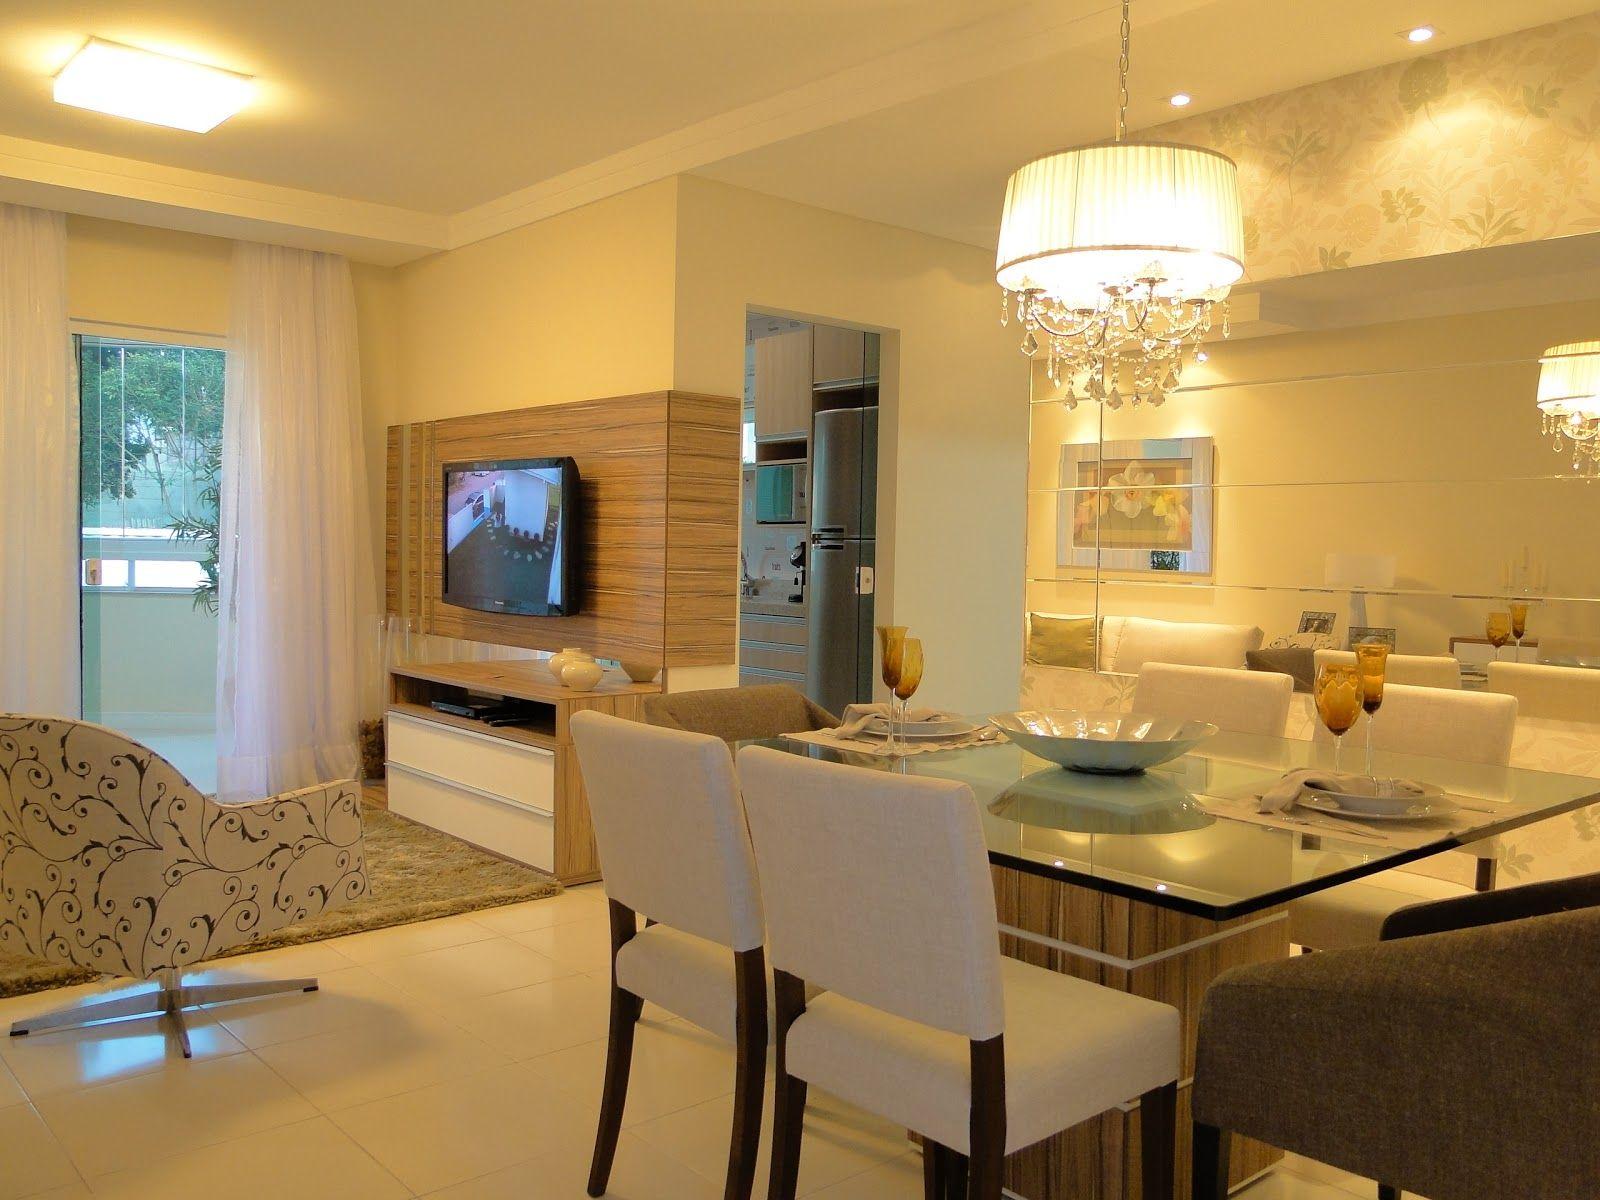 65 Salas De Jantar E Estar Integradas Veja Dicas E Qual Ilumina O  -> Sala De Jantar Pequena Com Espelho Na Parede